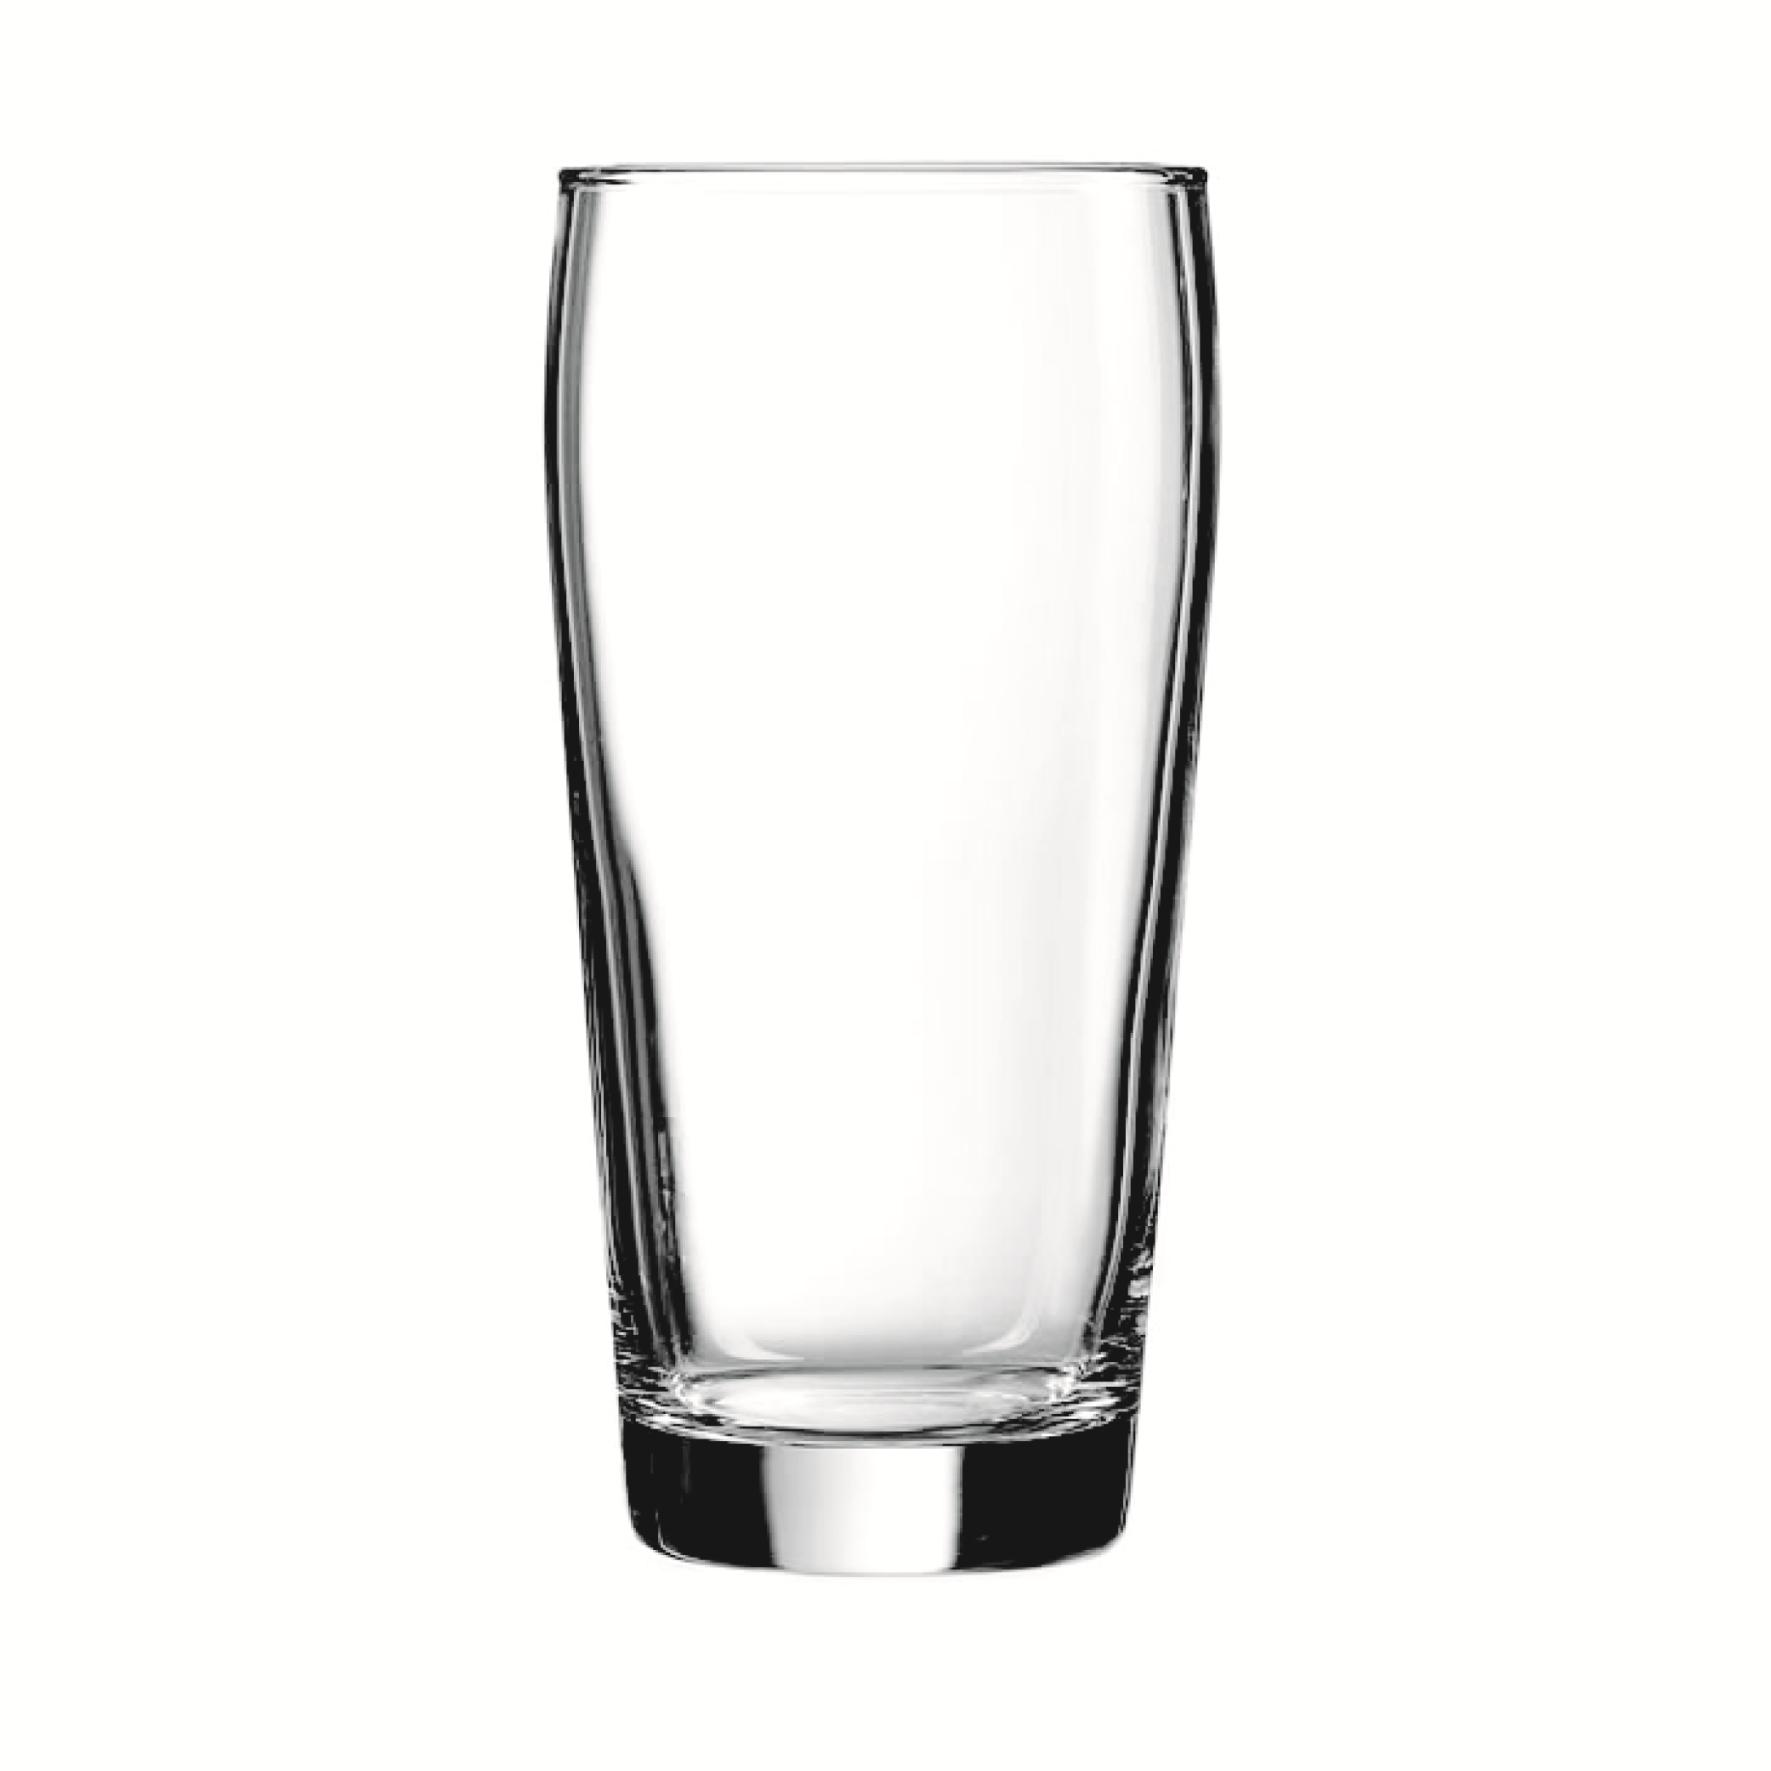 Becher Glass - 20 Oz.